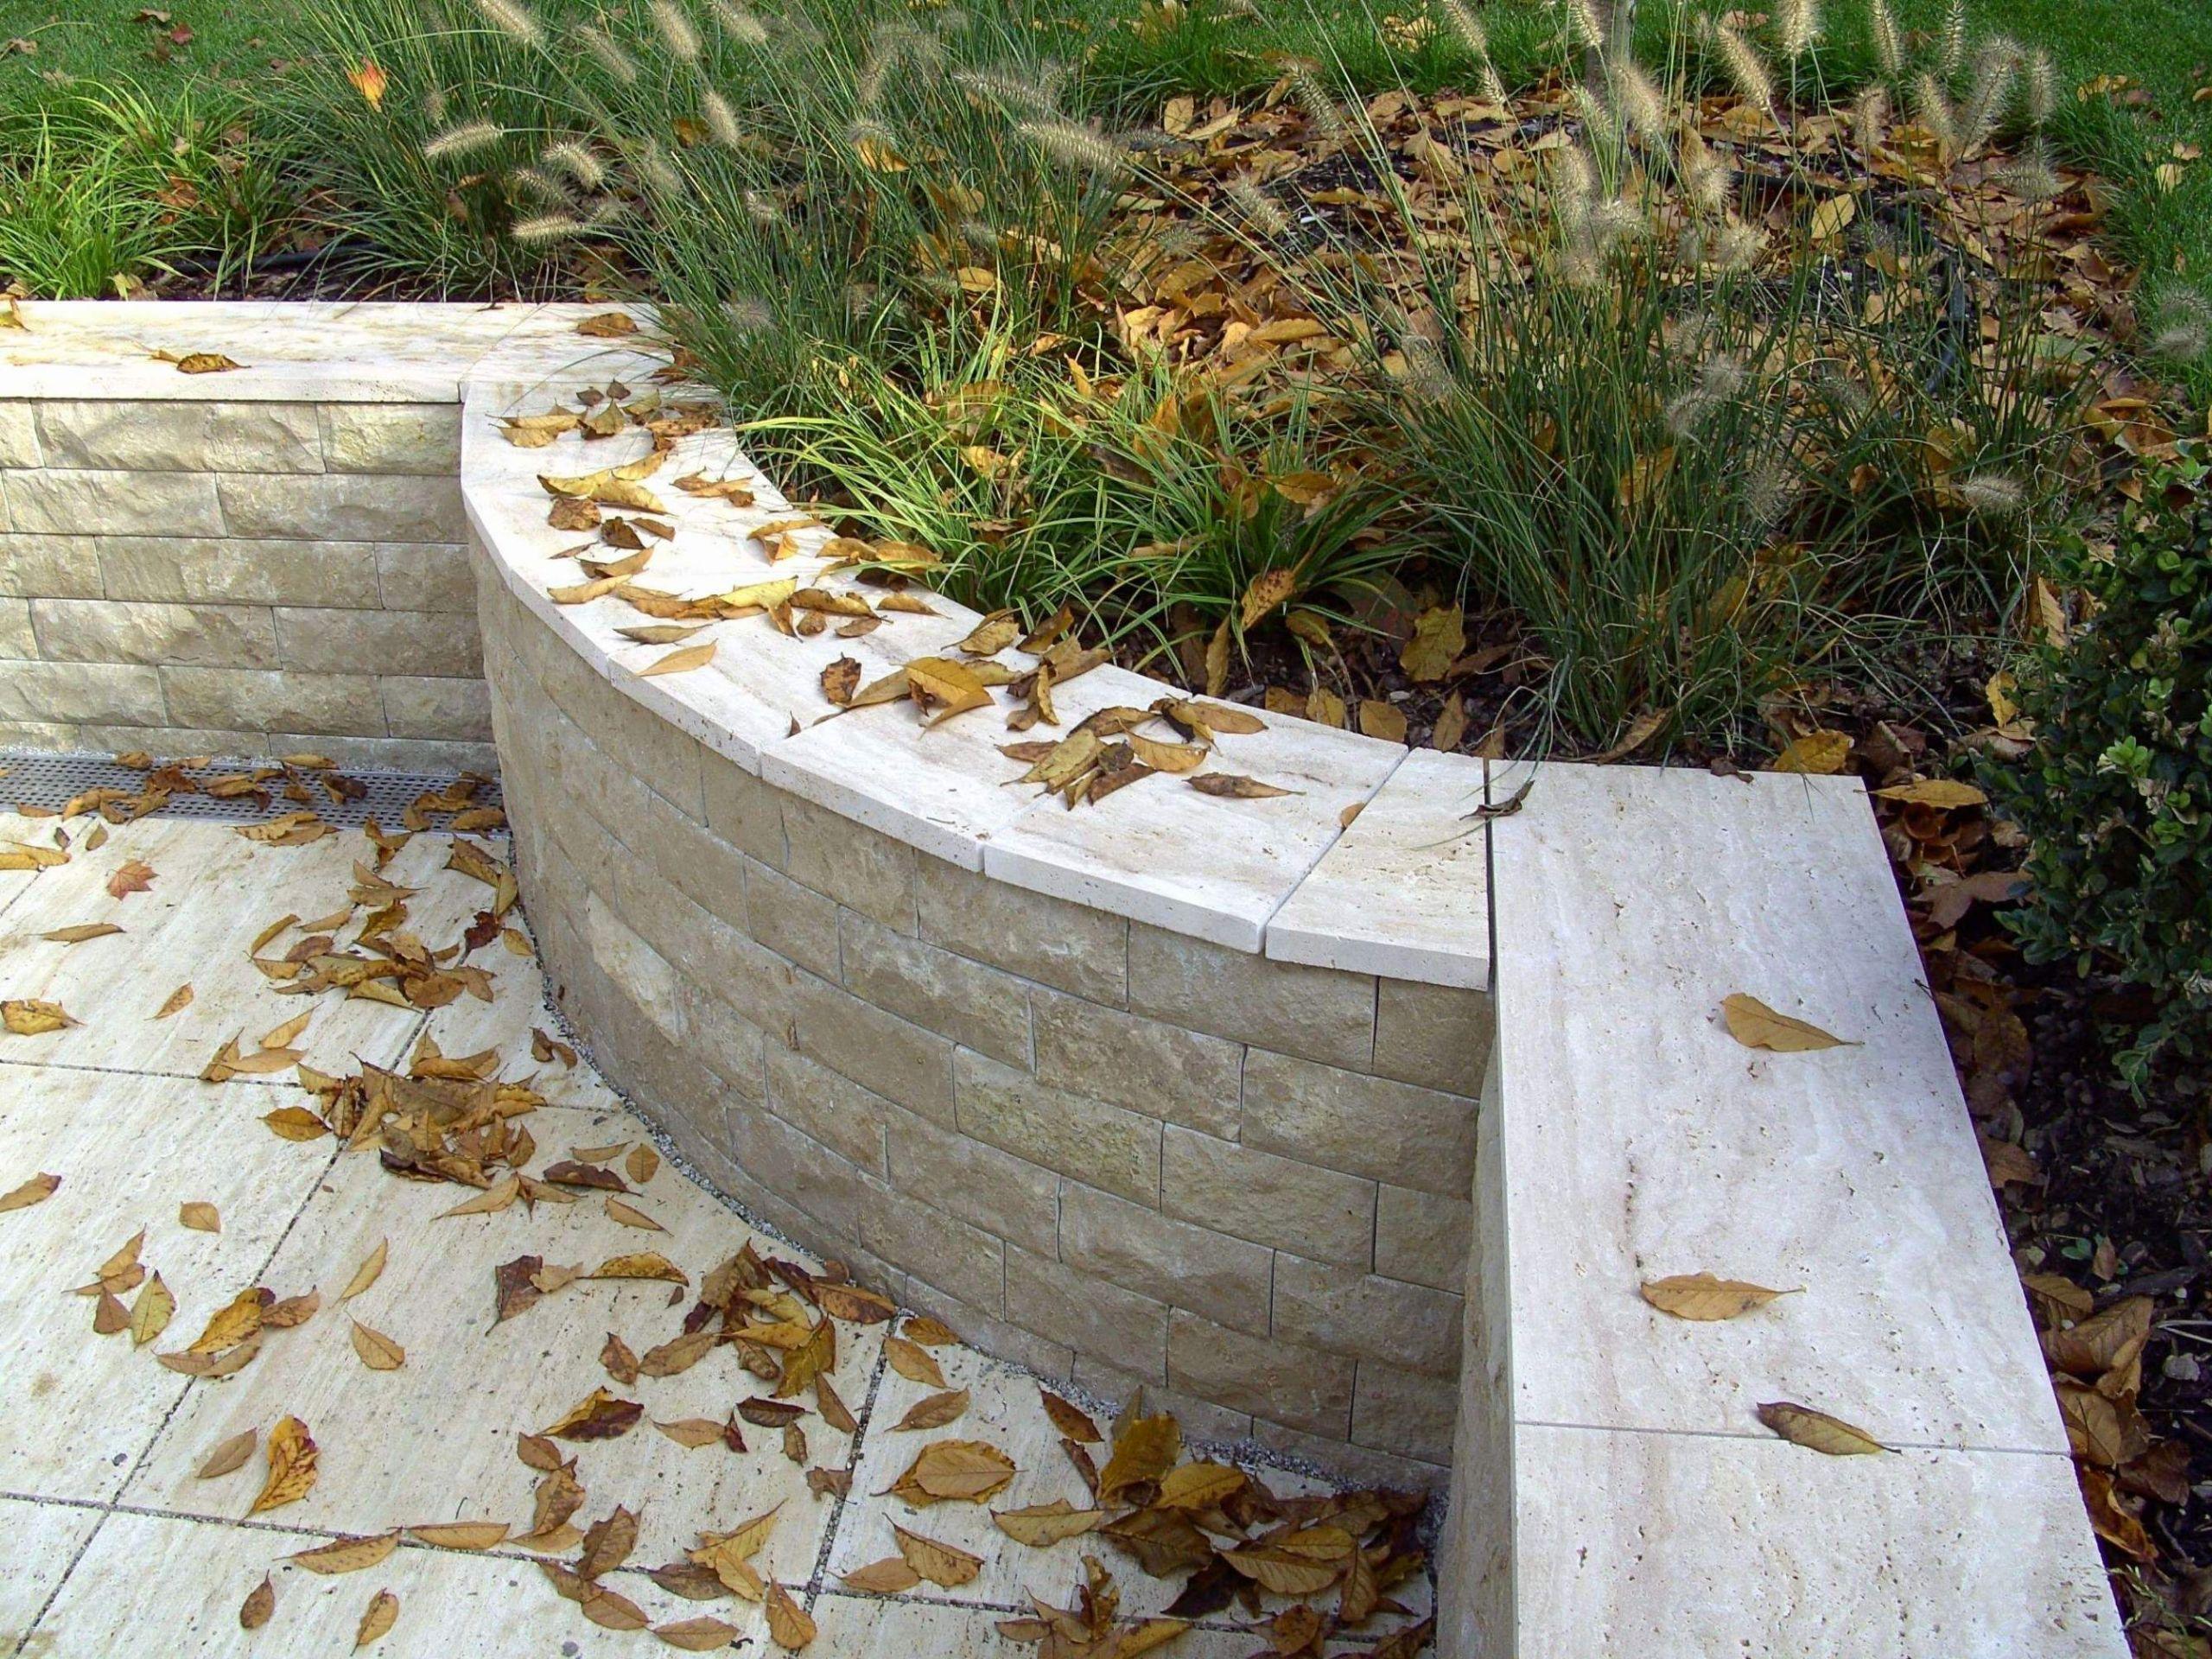 pflanzen kleiner garten frisch sichtschutz garten terrasse beste sichtschutz terrasse pflanzen sichtschutz terrasse pflanzen